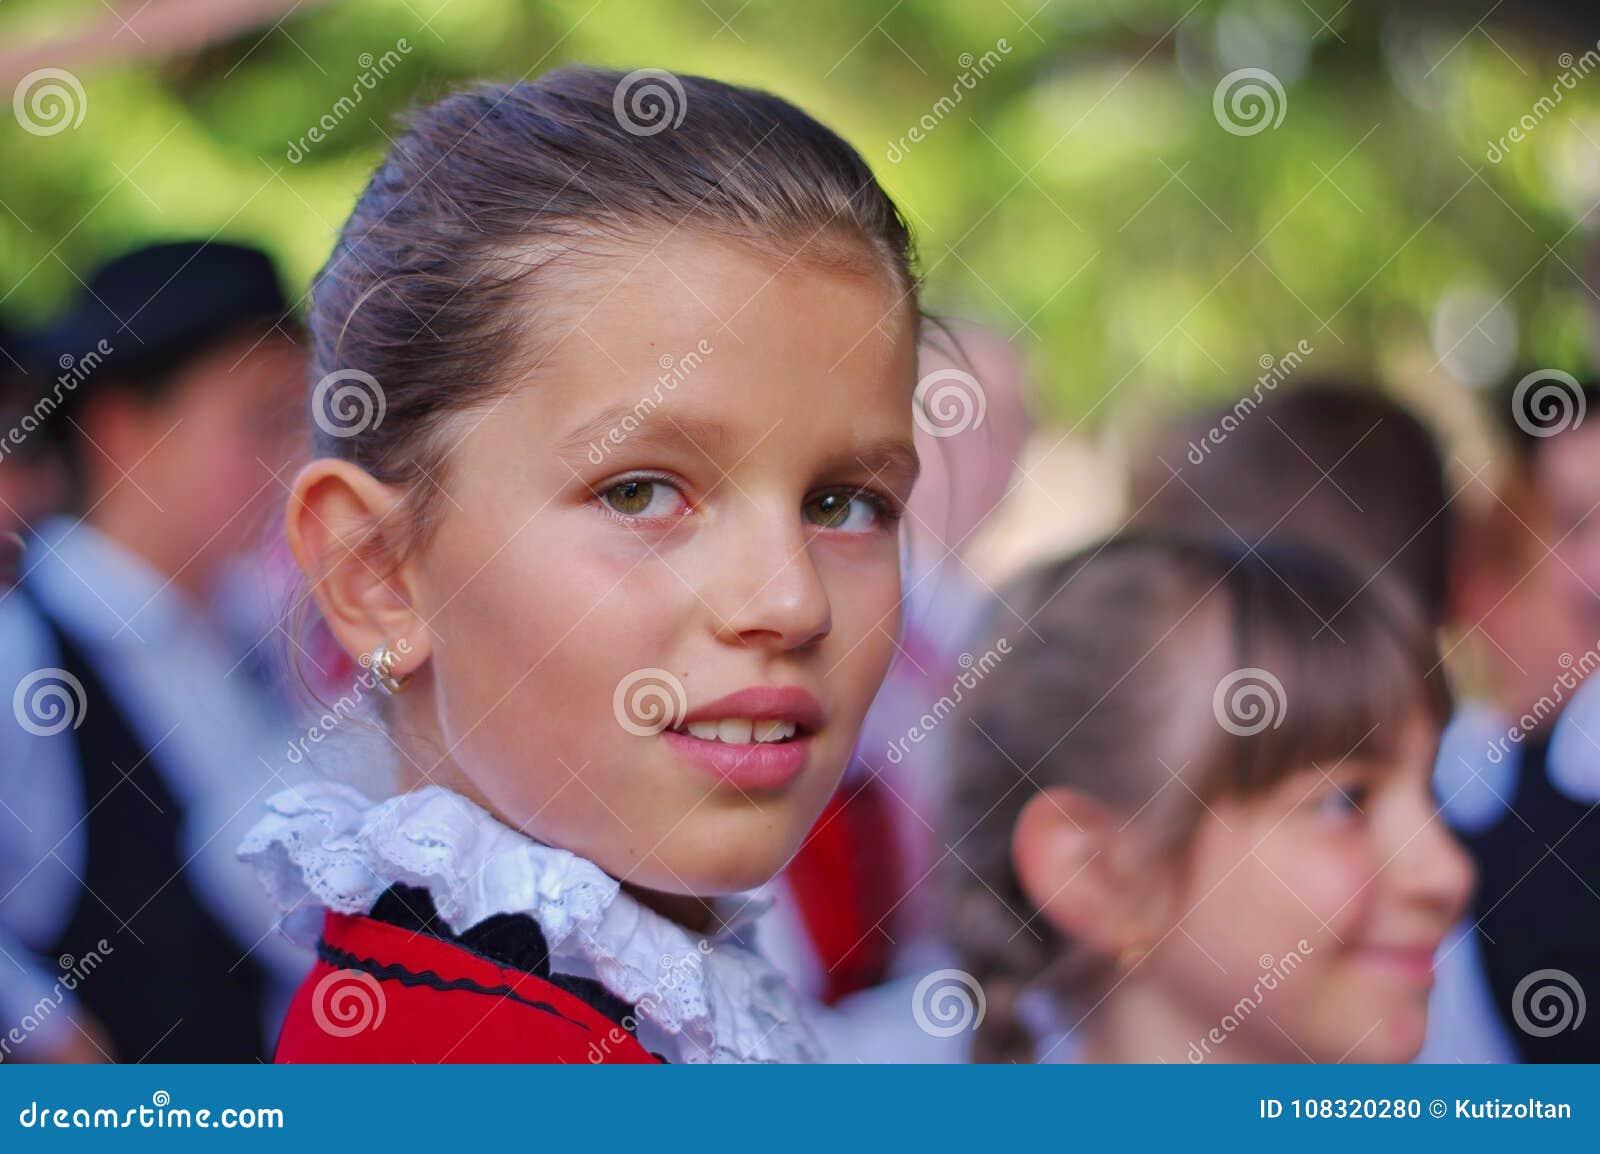 Καθαρή ομορφιά Πορτρέτο ενός νέου κοριτσιού szekler